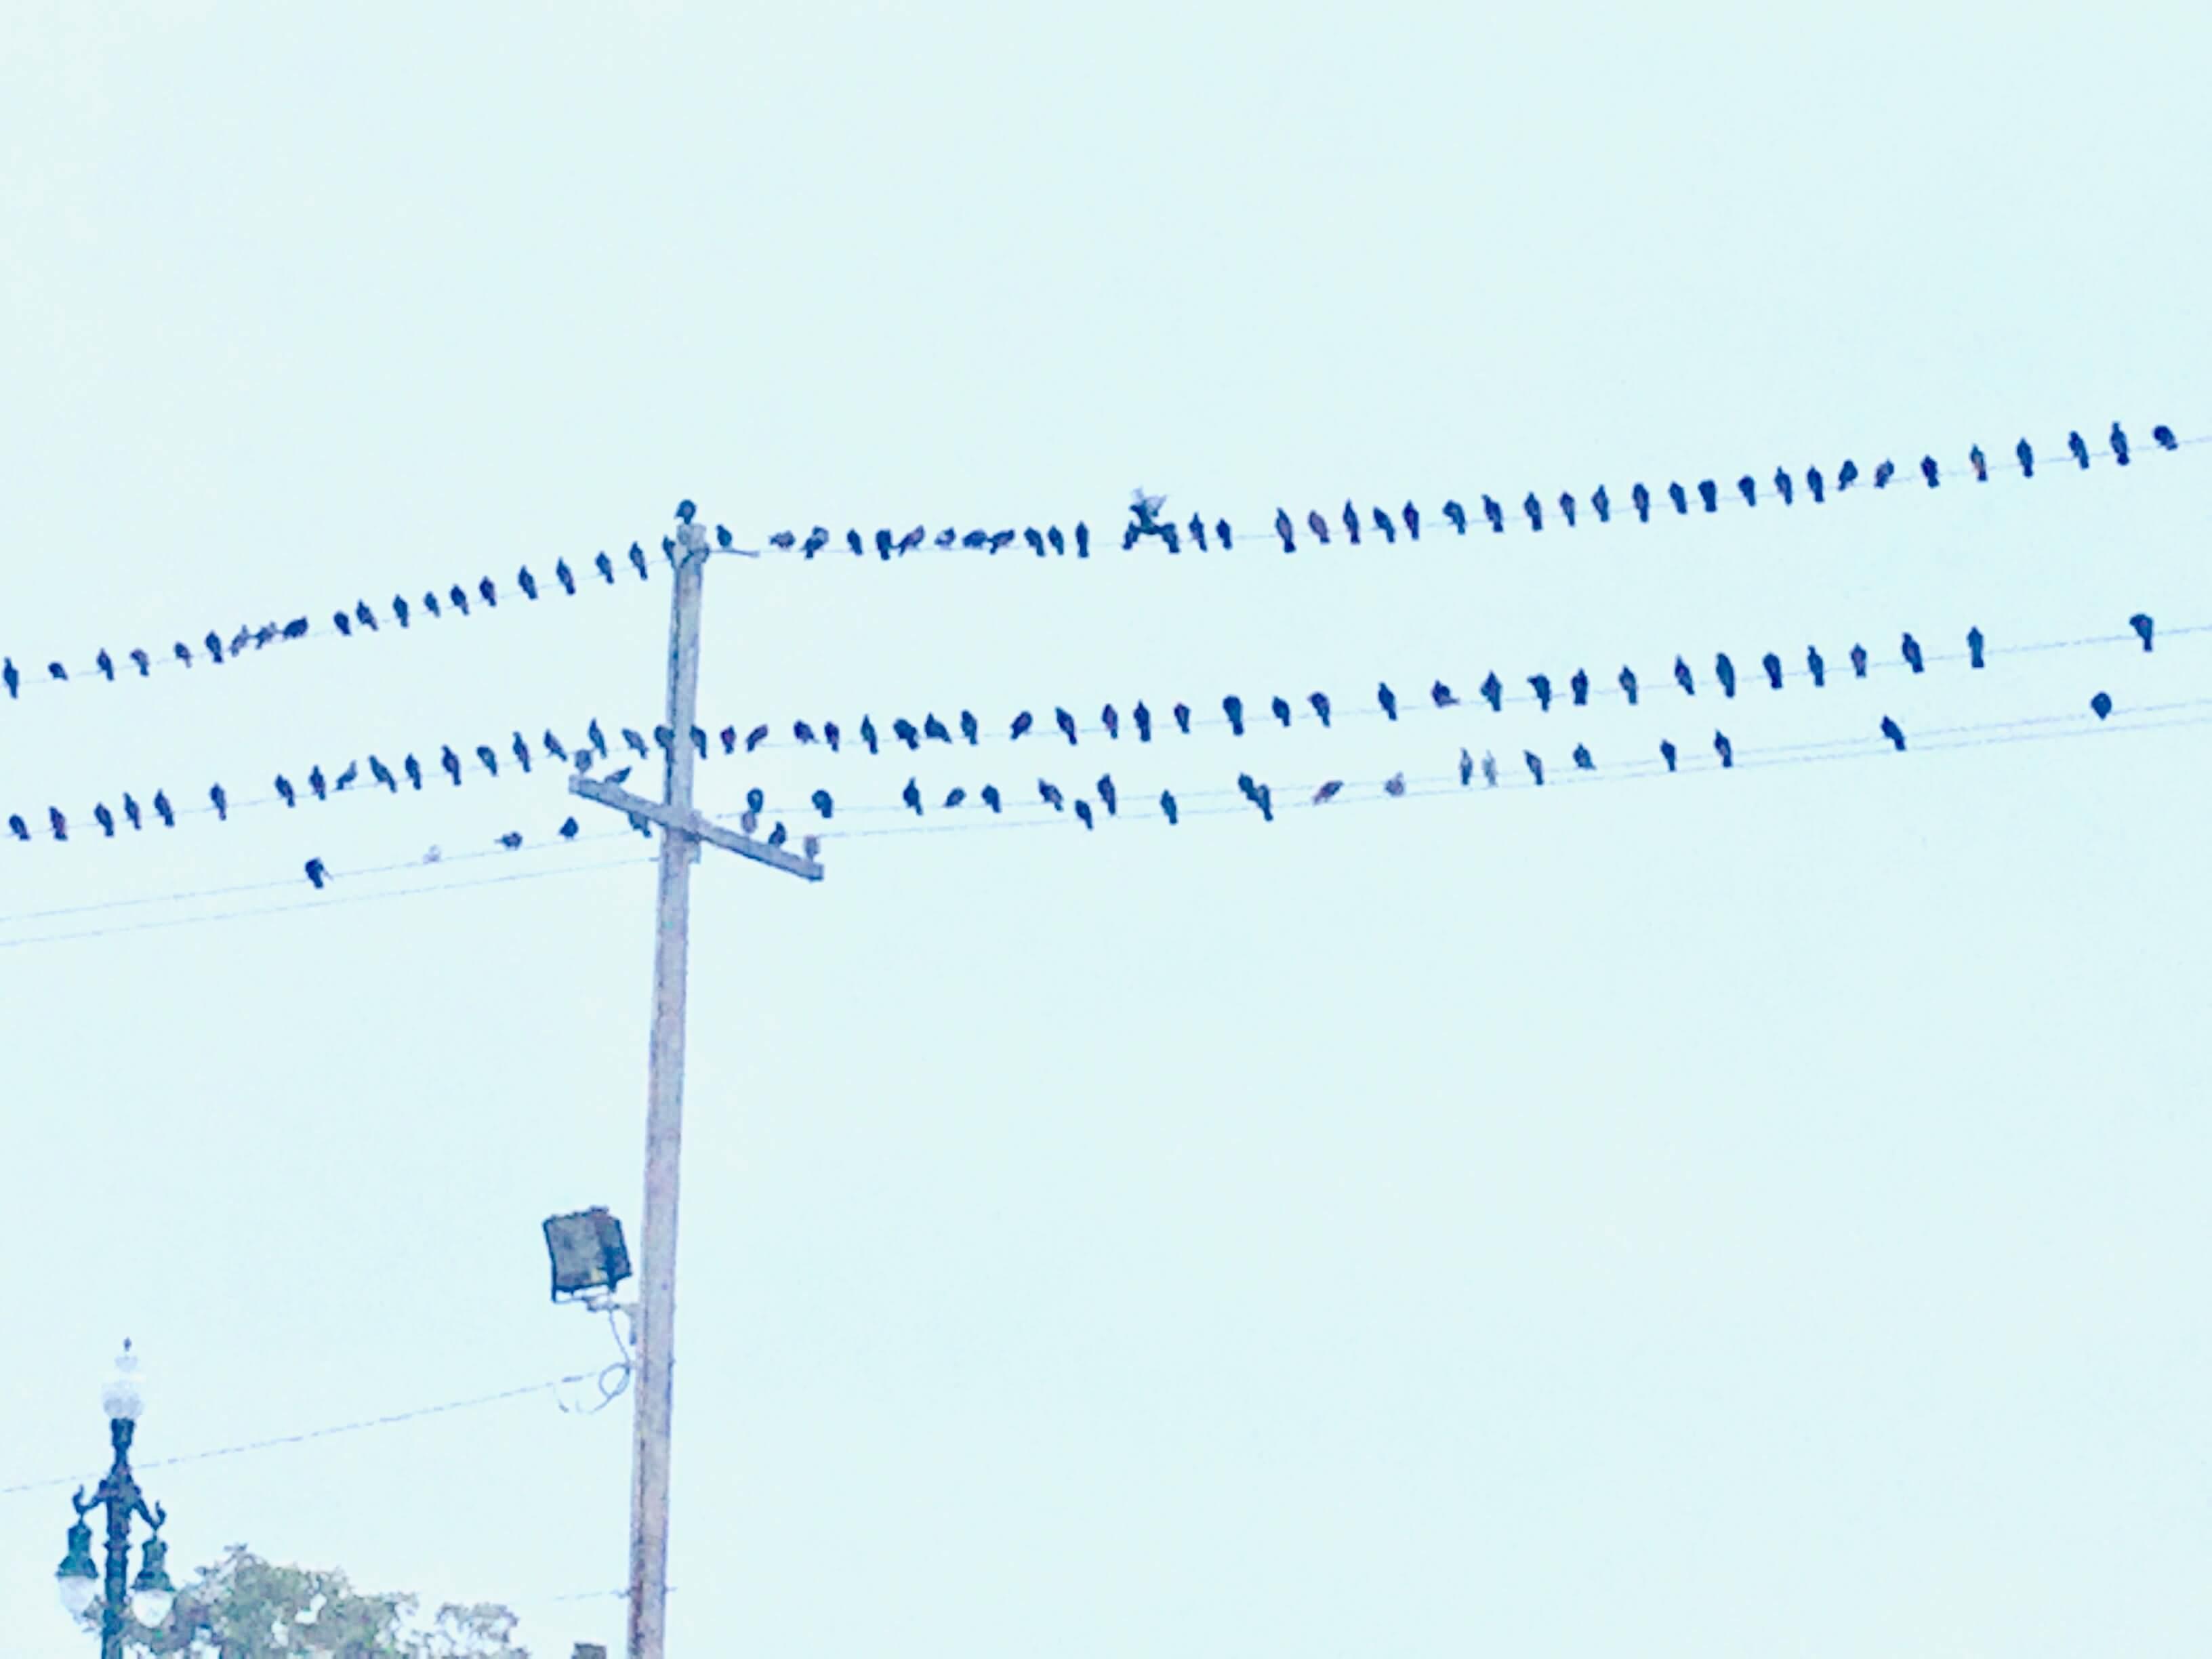 La Belle Esplanade birds on a wire | La Belle Esplanade